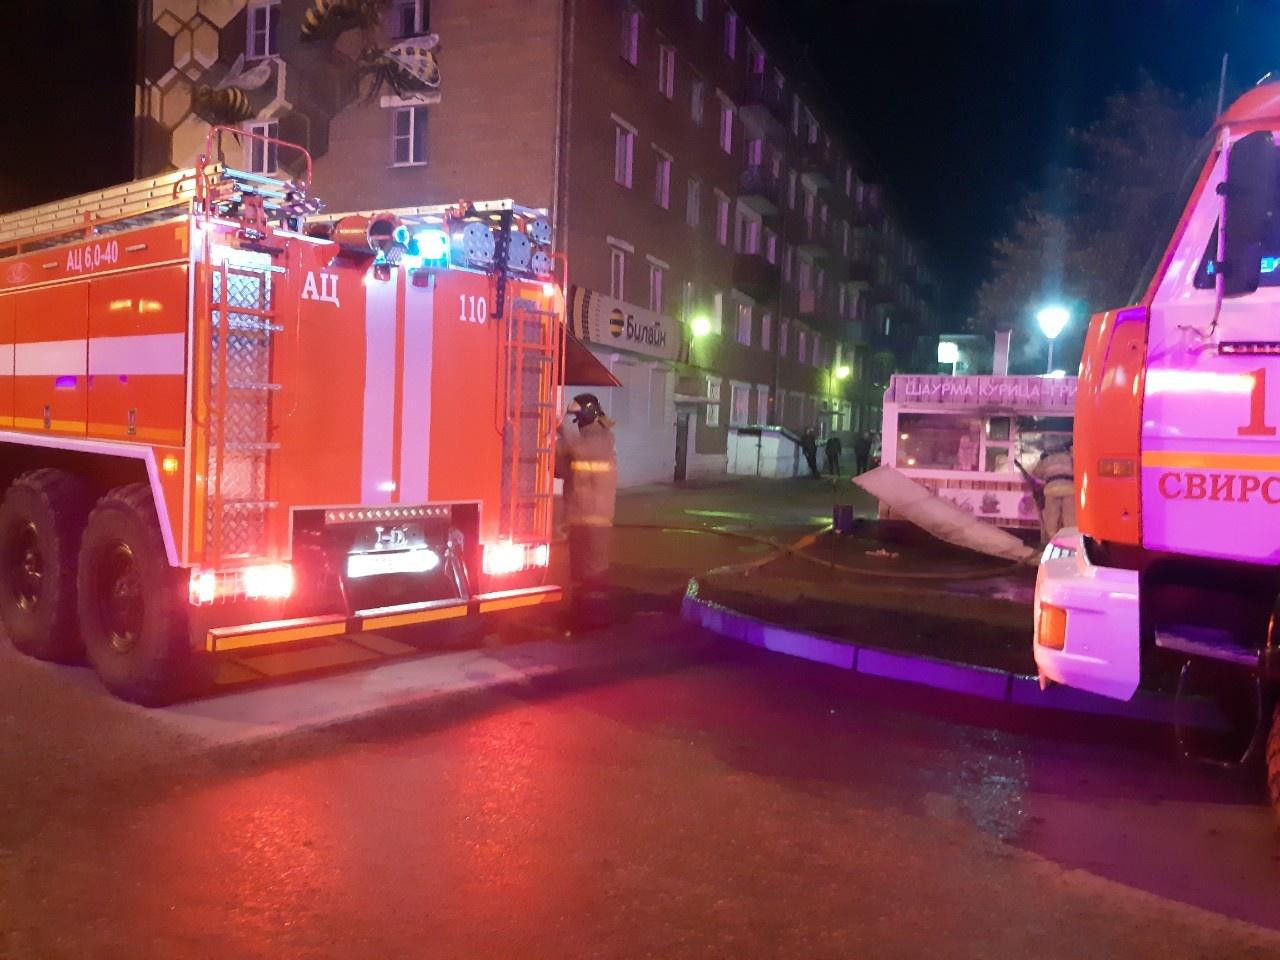 Пожар в г. Свирске — МЧС России по Иркутской области